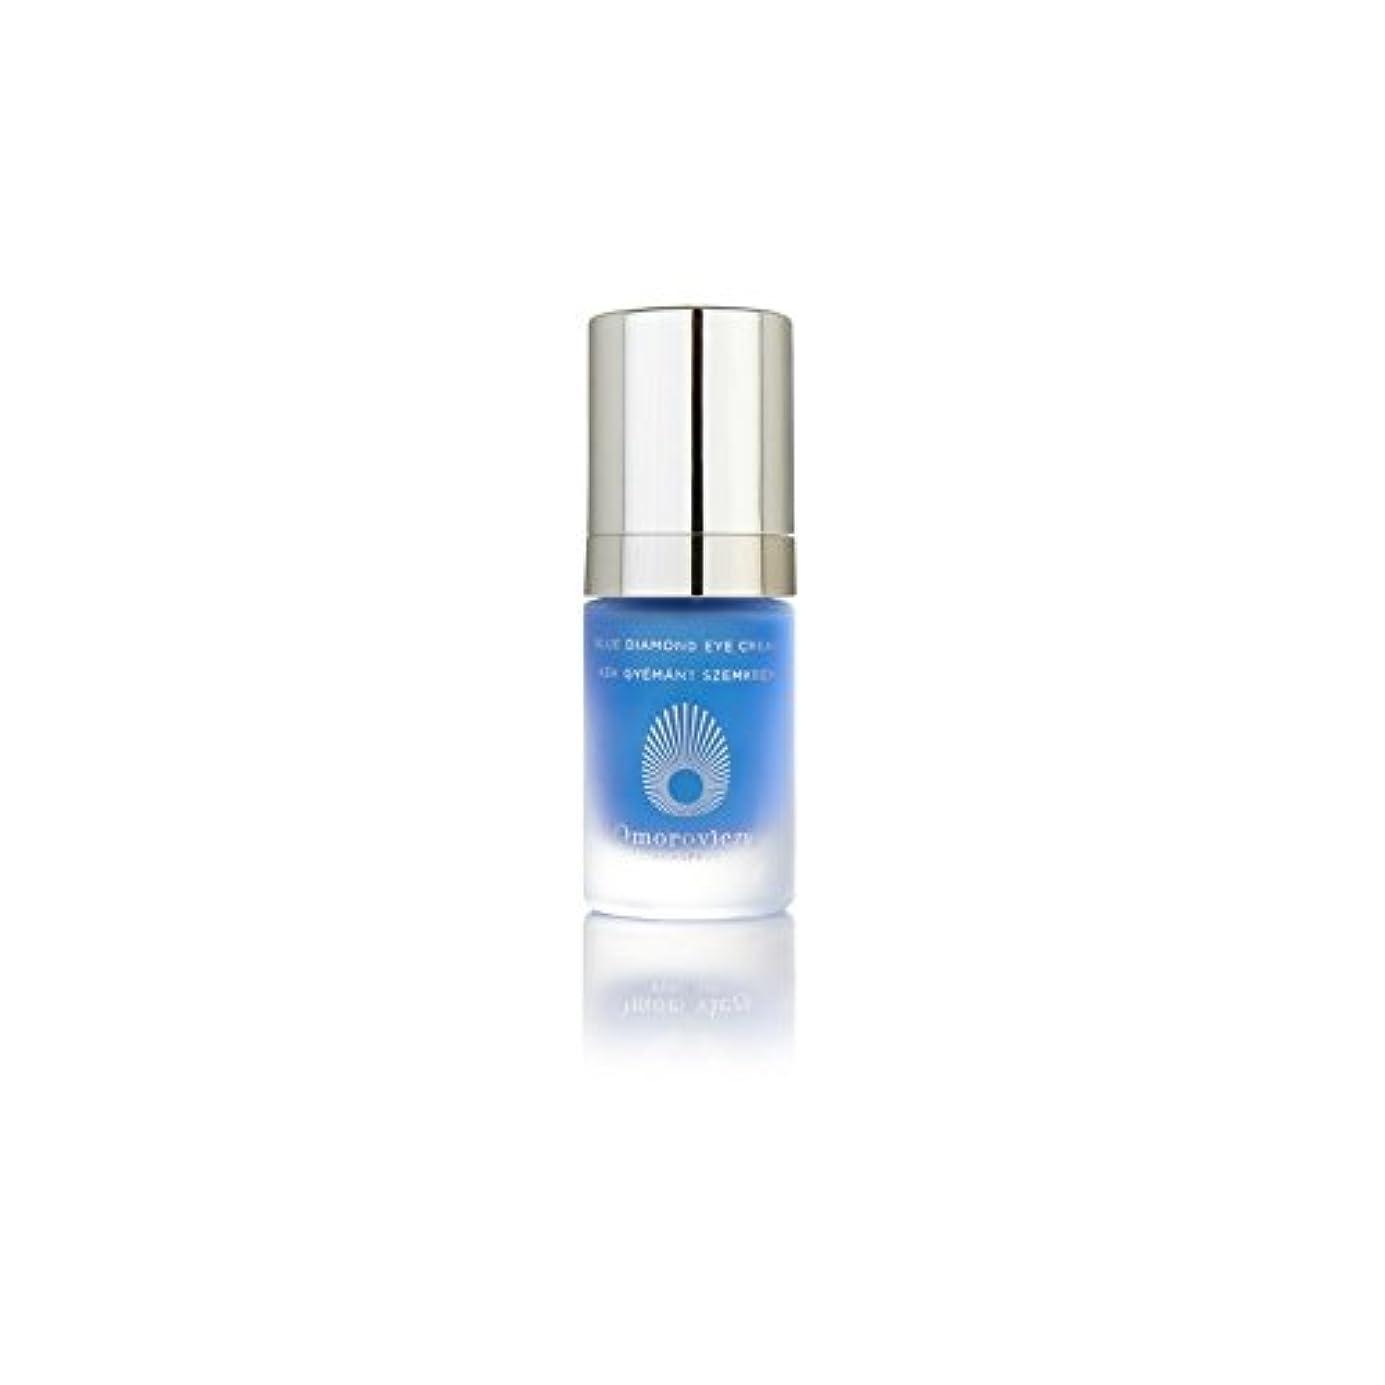 非アクティブ側面ゲートウェイブルーダイヤモンドアイクリーム(15ミリリットル) x2 - Omorovicza Blue Diamond Eye Cream (15ml) (Pack of 2) [並行輸入品]